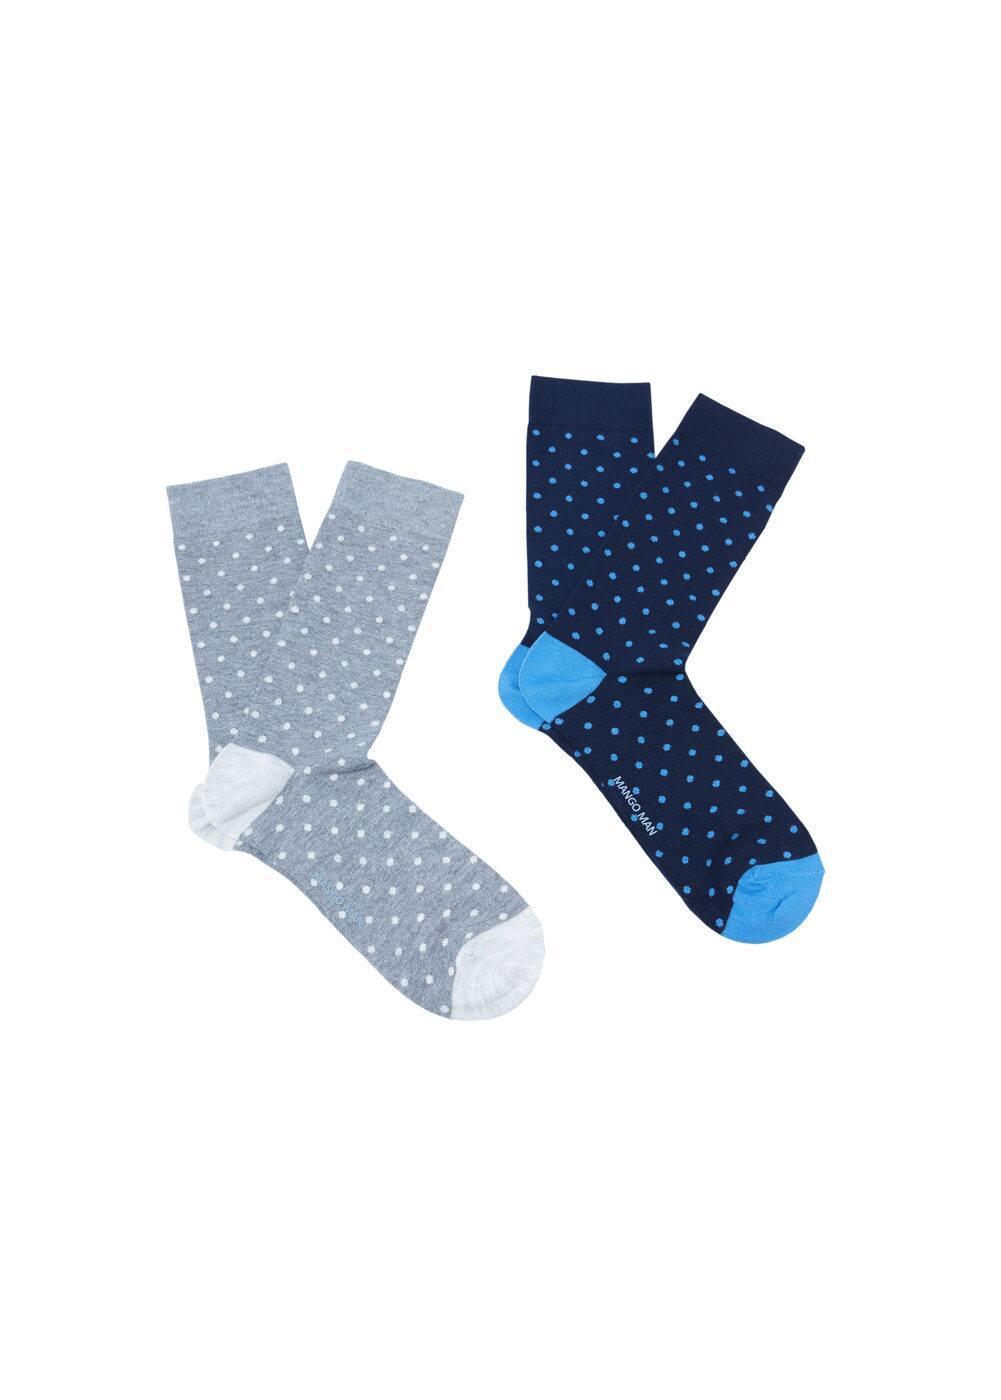 c7019efd1e 2 pack polka-dot socks - Man